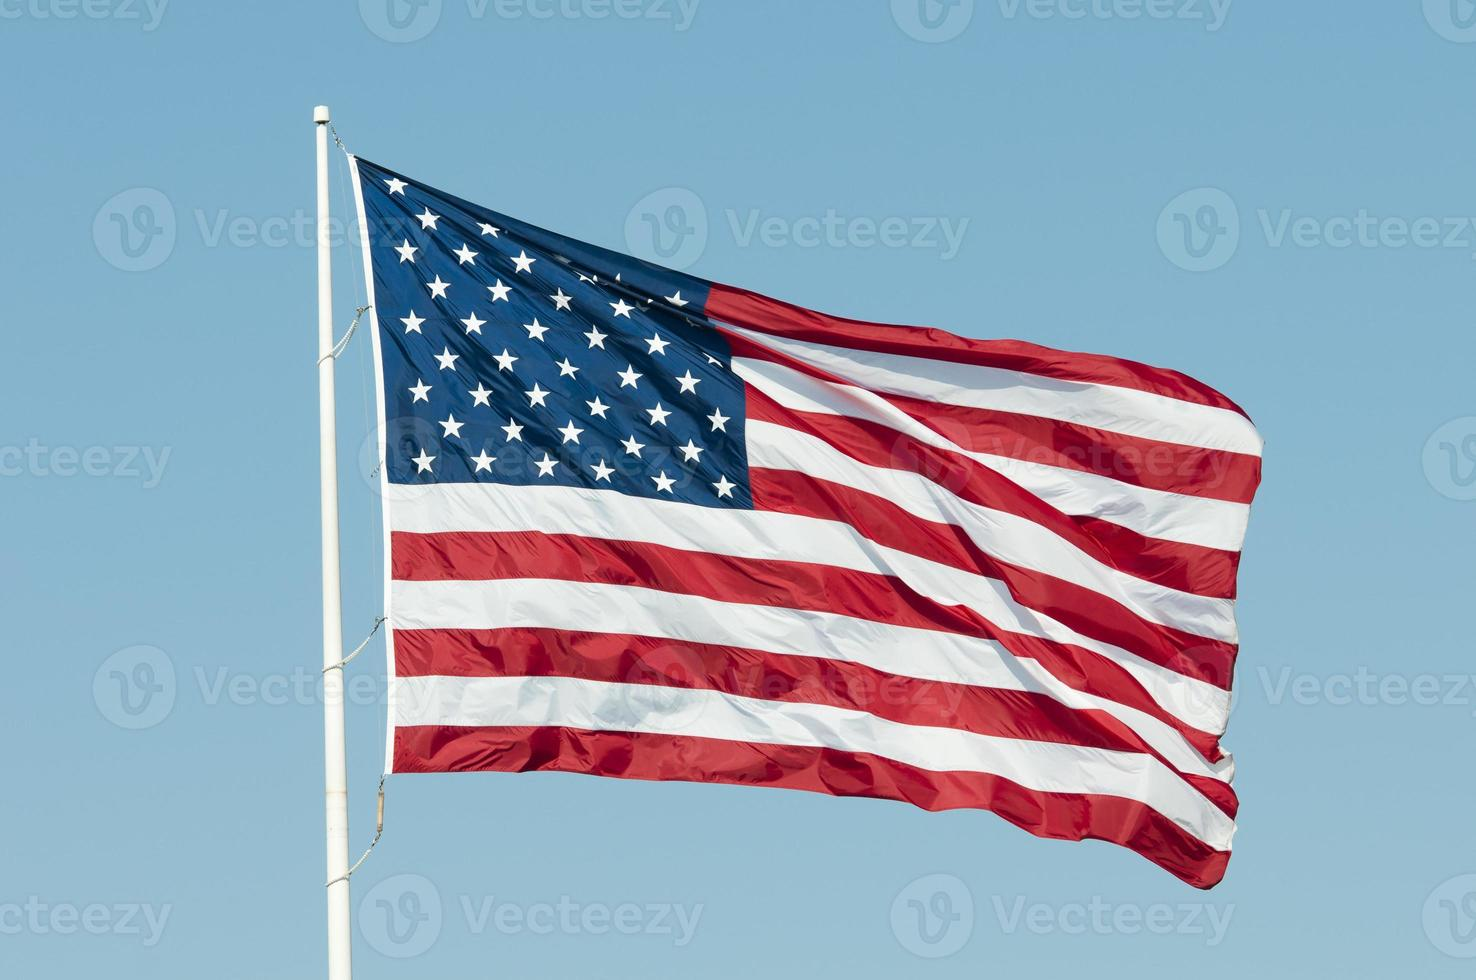 bandera americana ondeando en el cielo azul foto